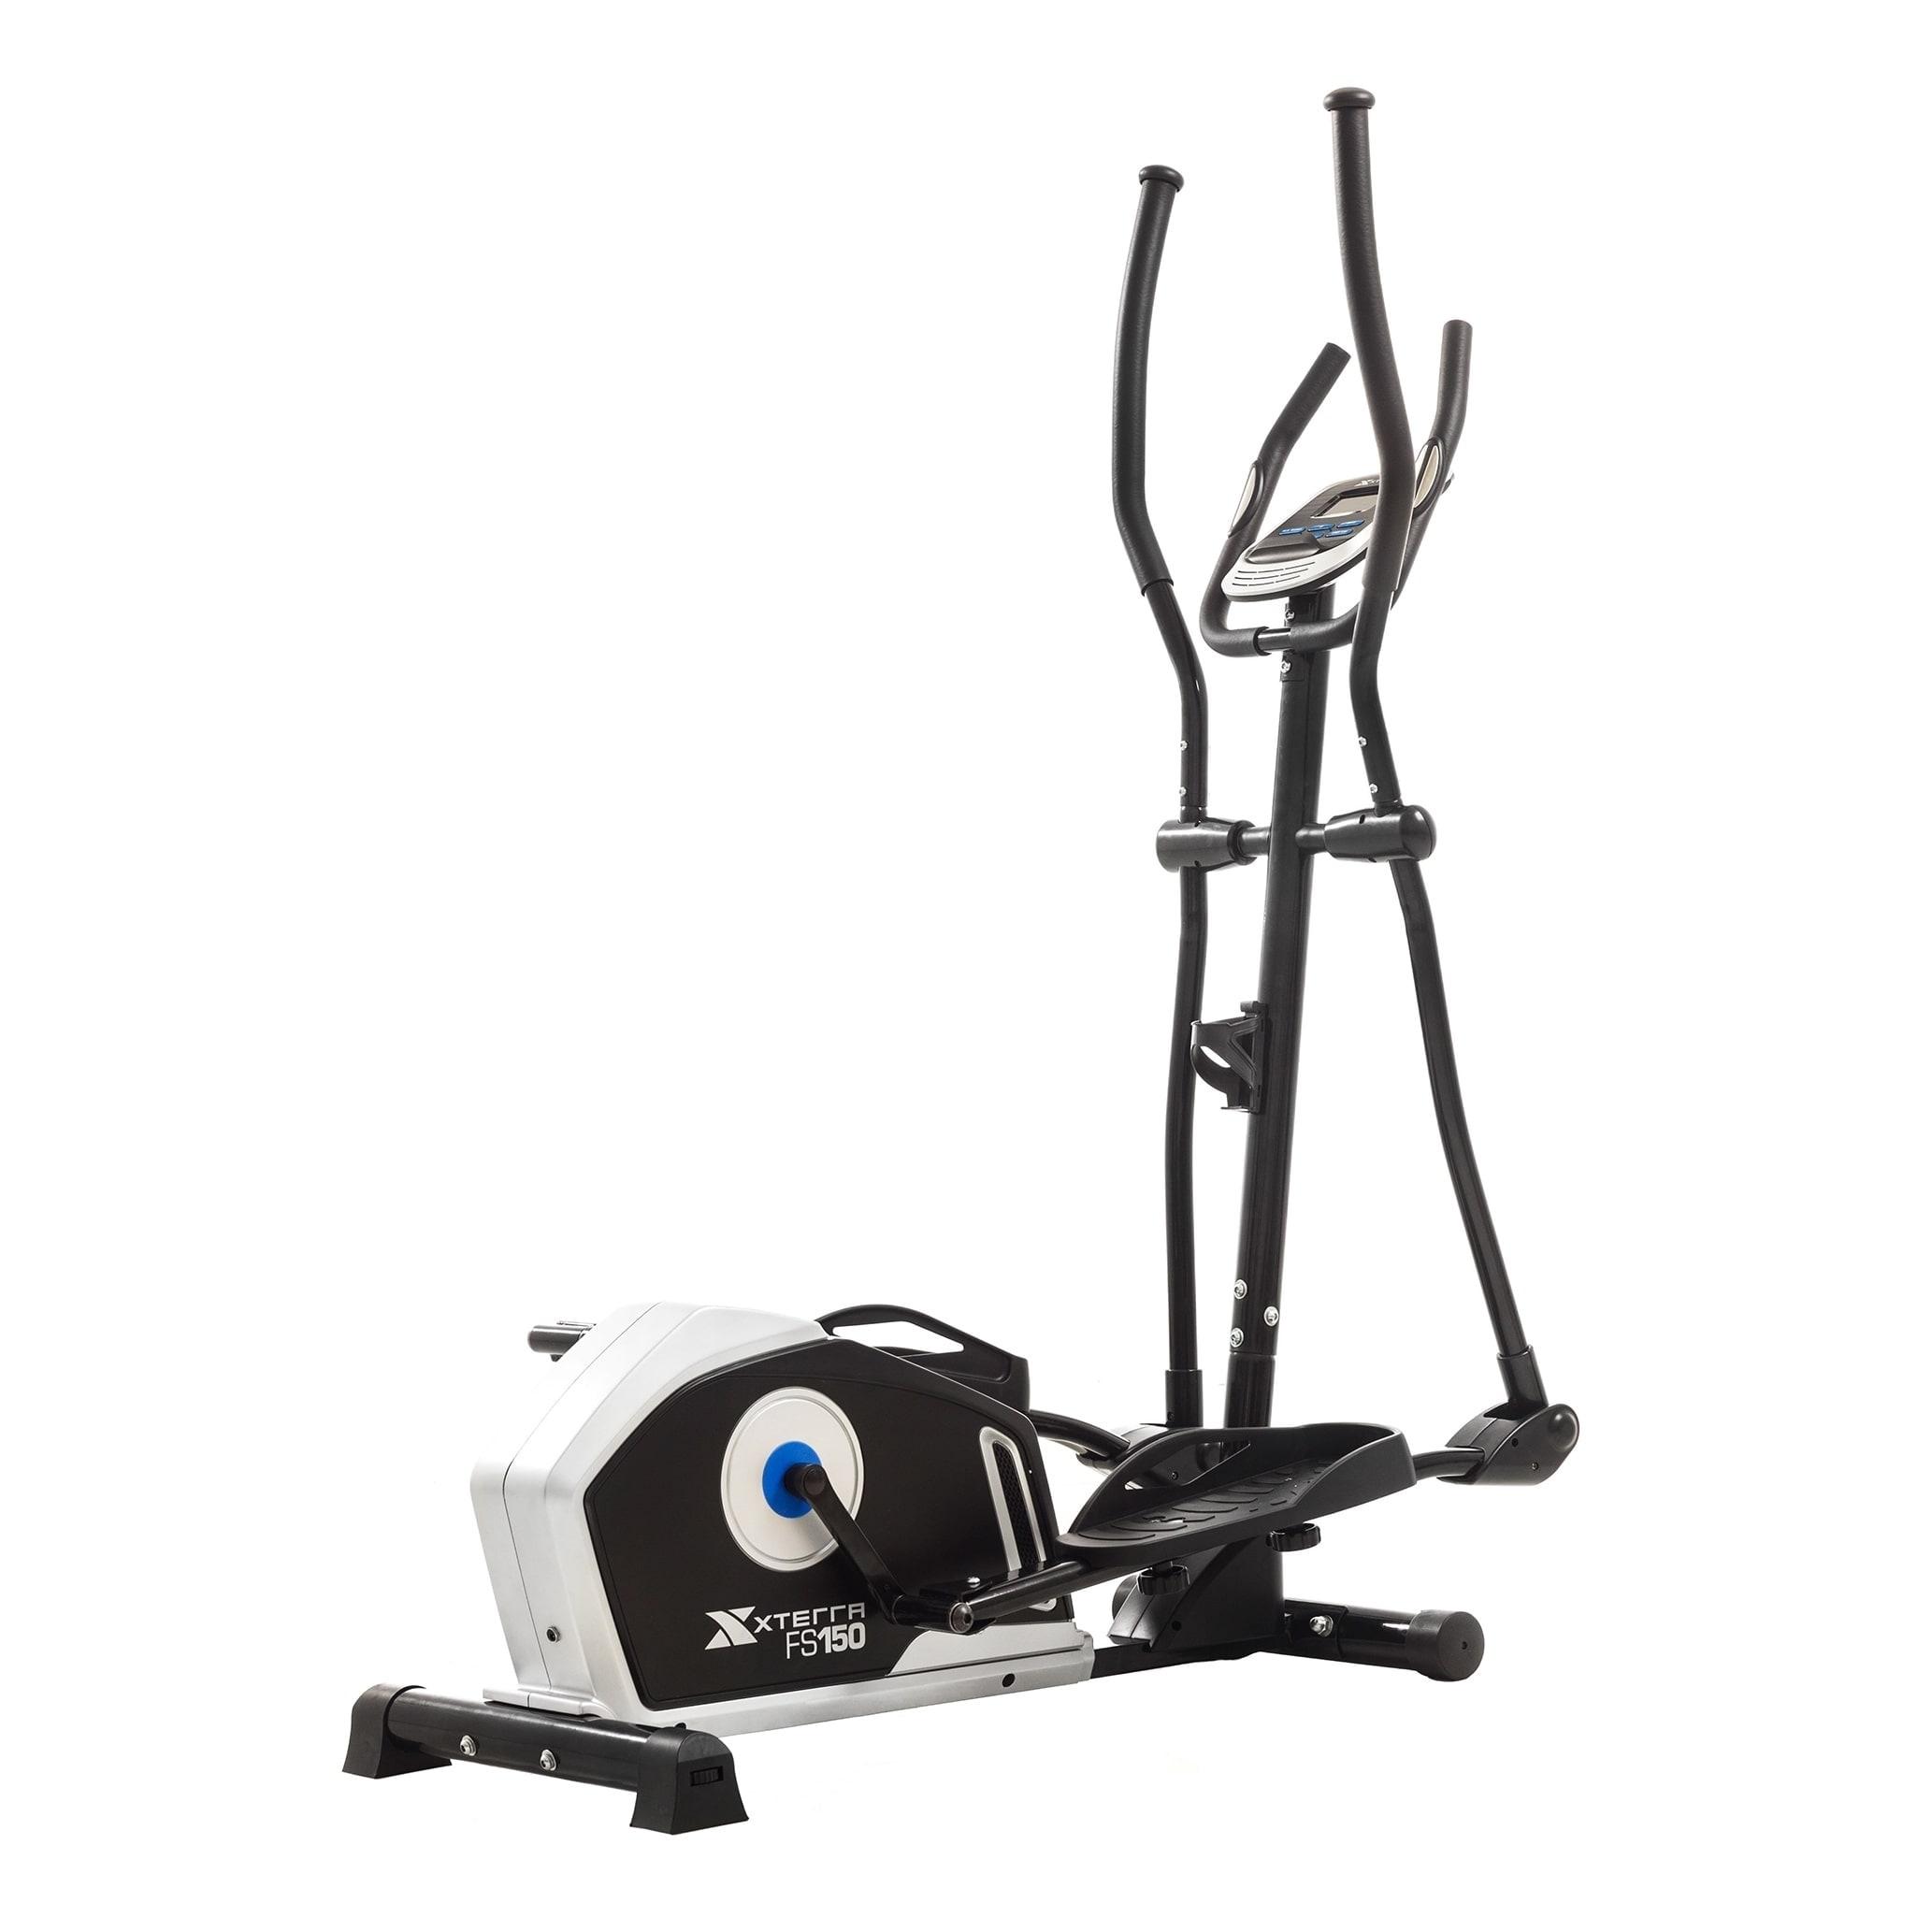 commercial elliptical inc mat bike supermats mats reviews wayfair pdx